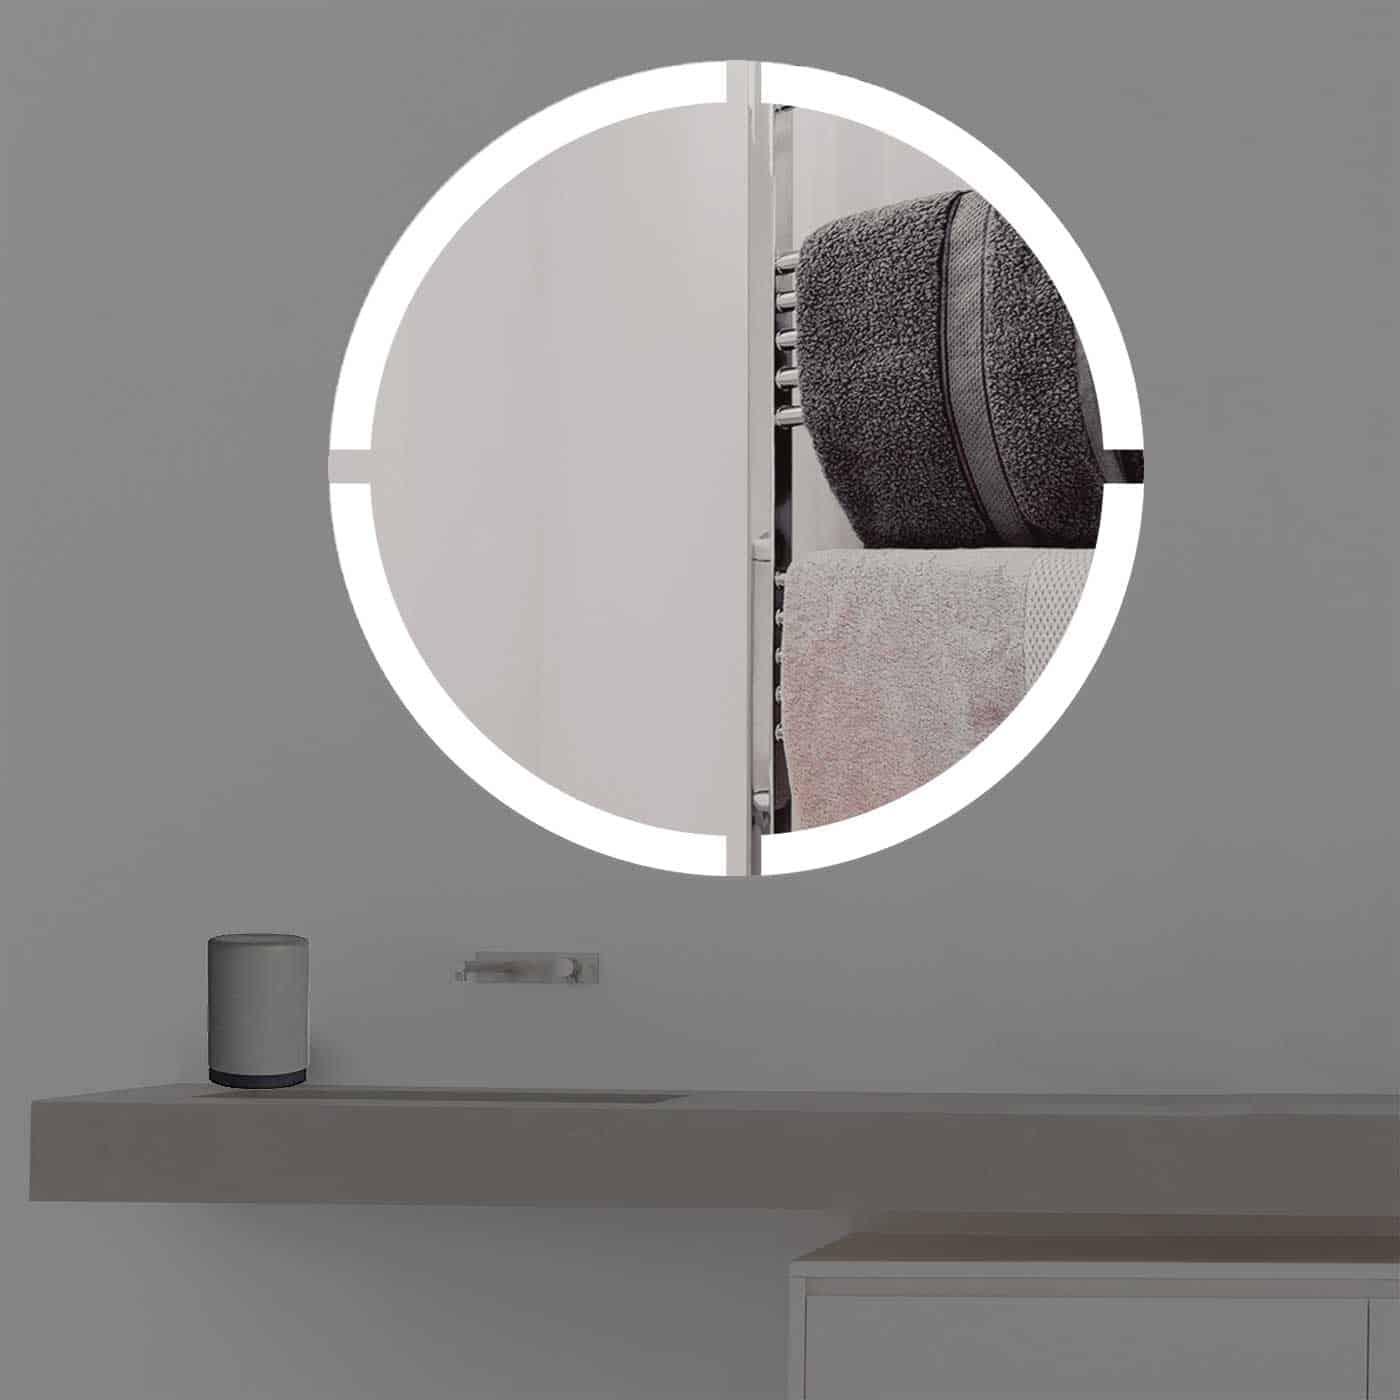 Badspiegel mit Beleuchtung in kreuz | rund | R 403